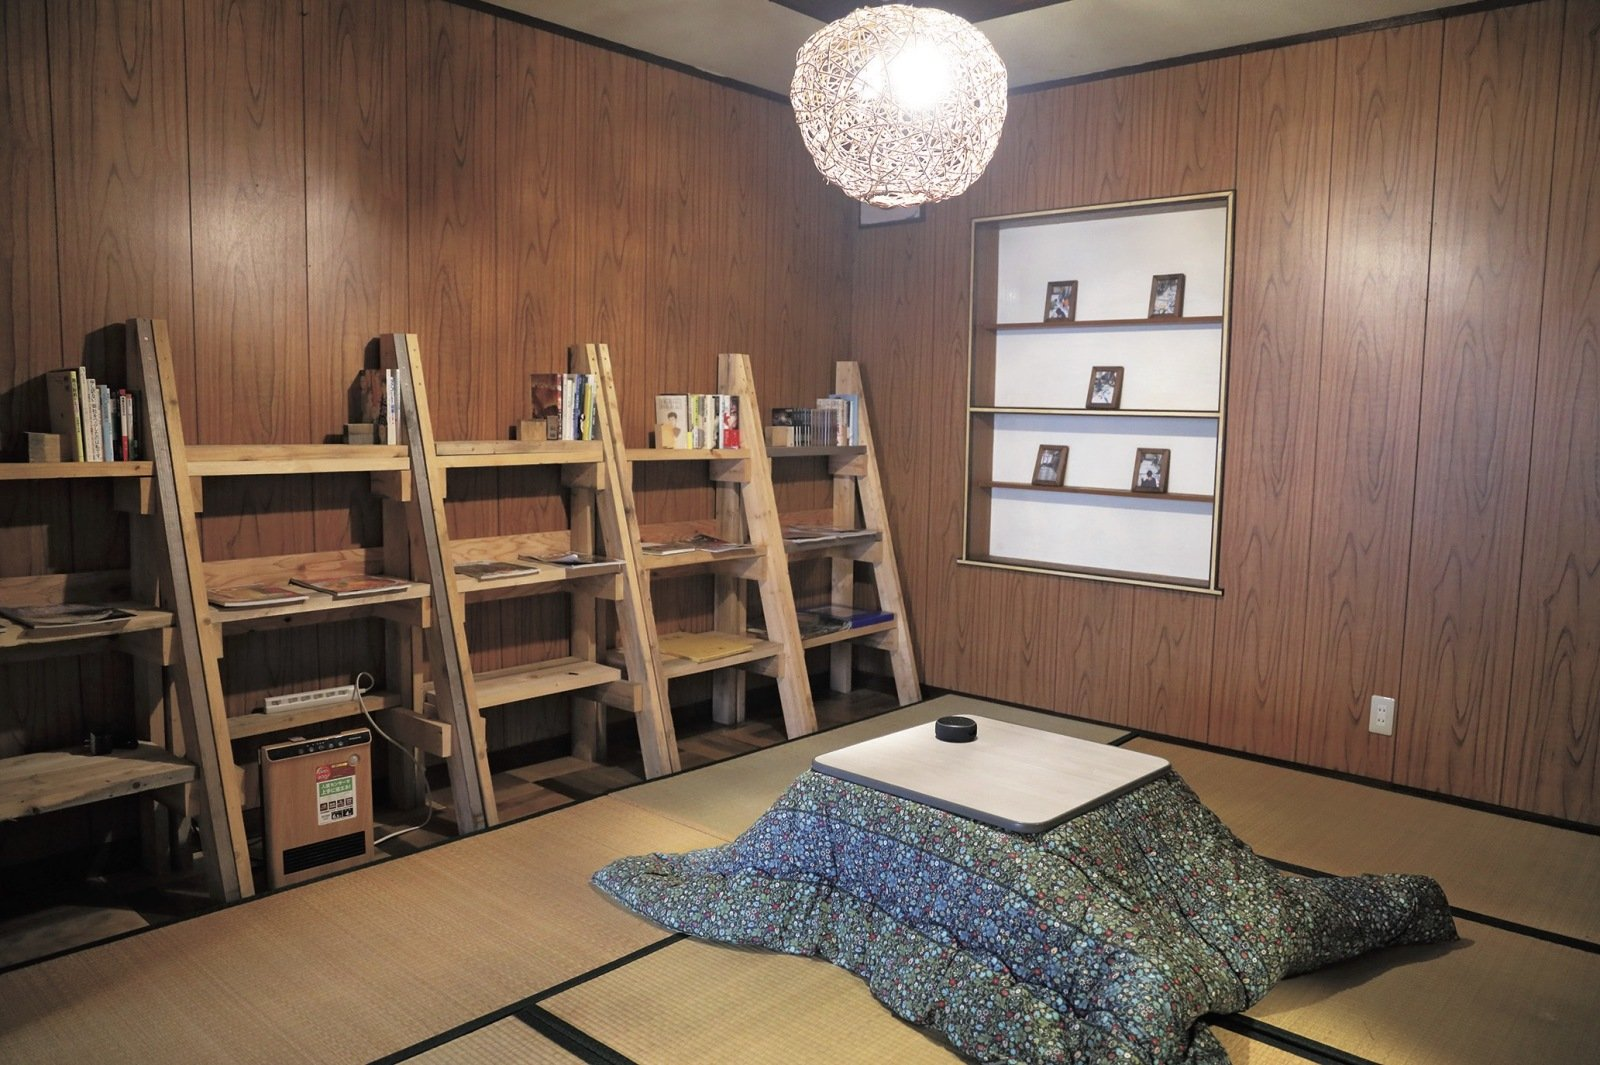 宿の2階にある宿泊者専用のパブリックスペース。